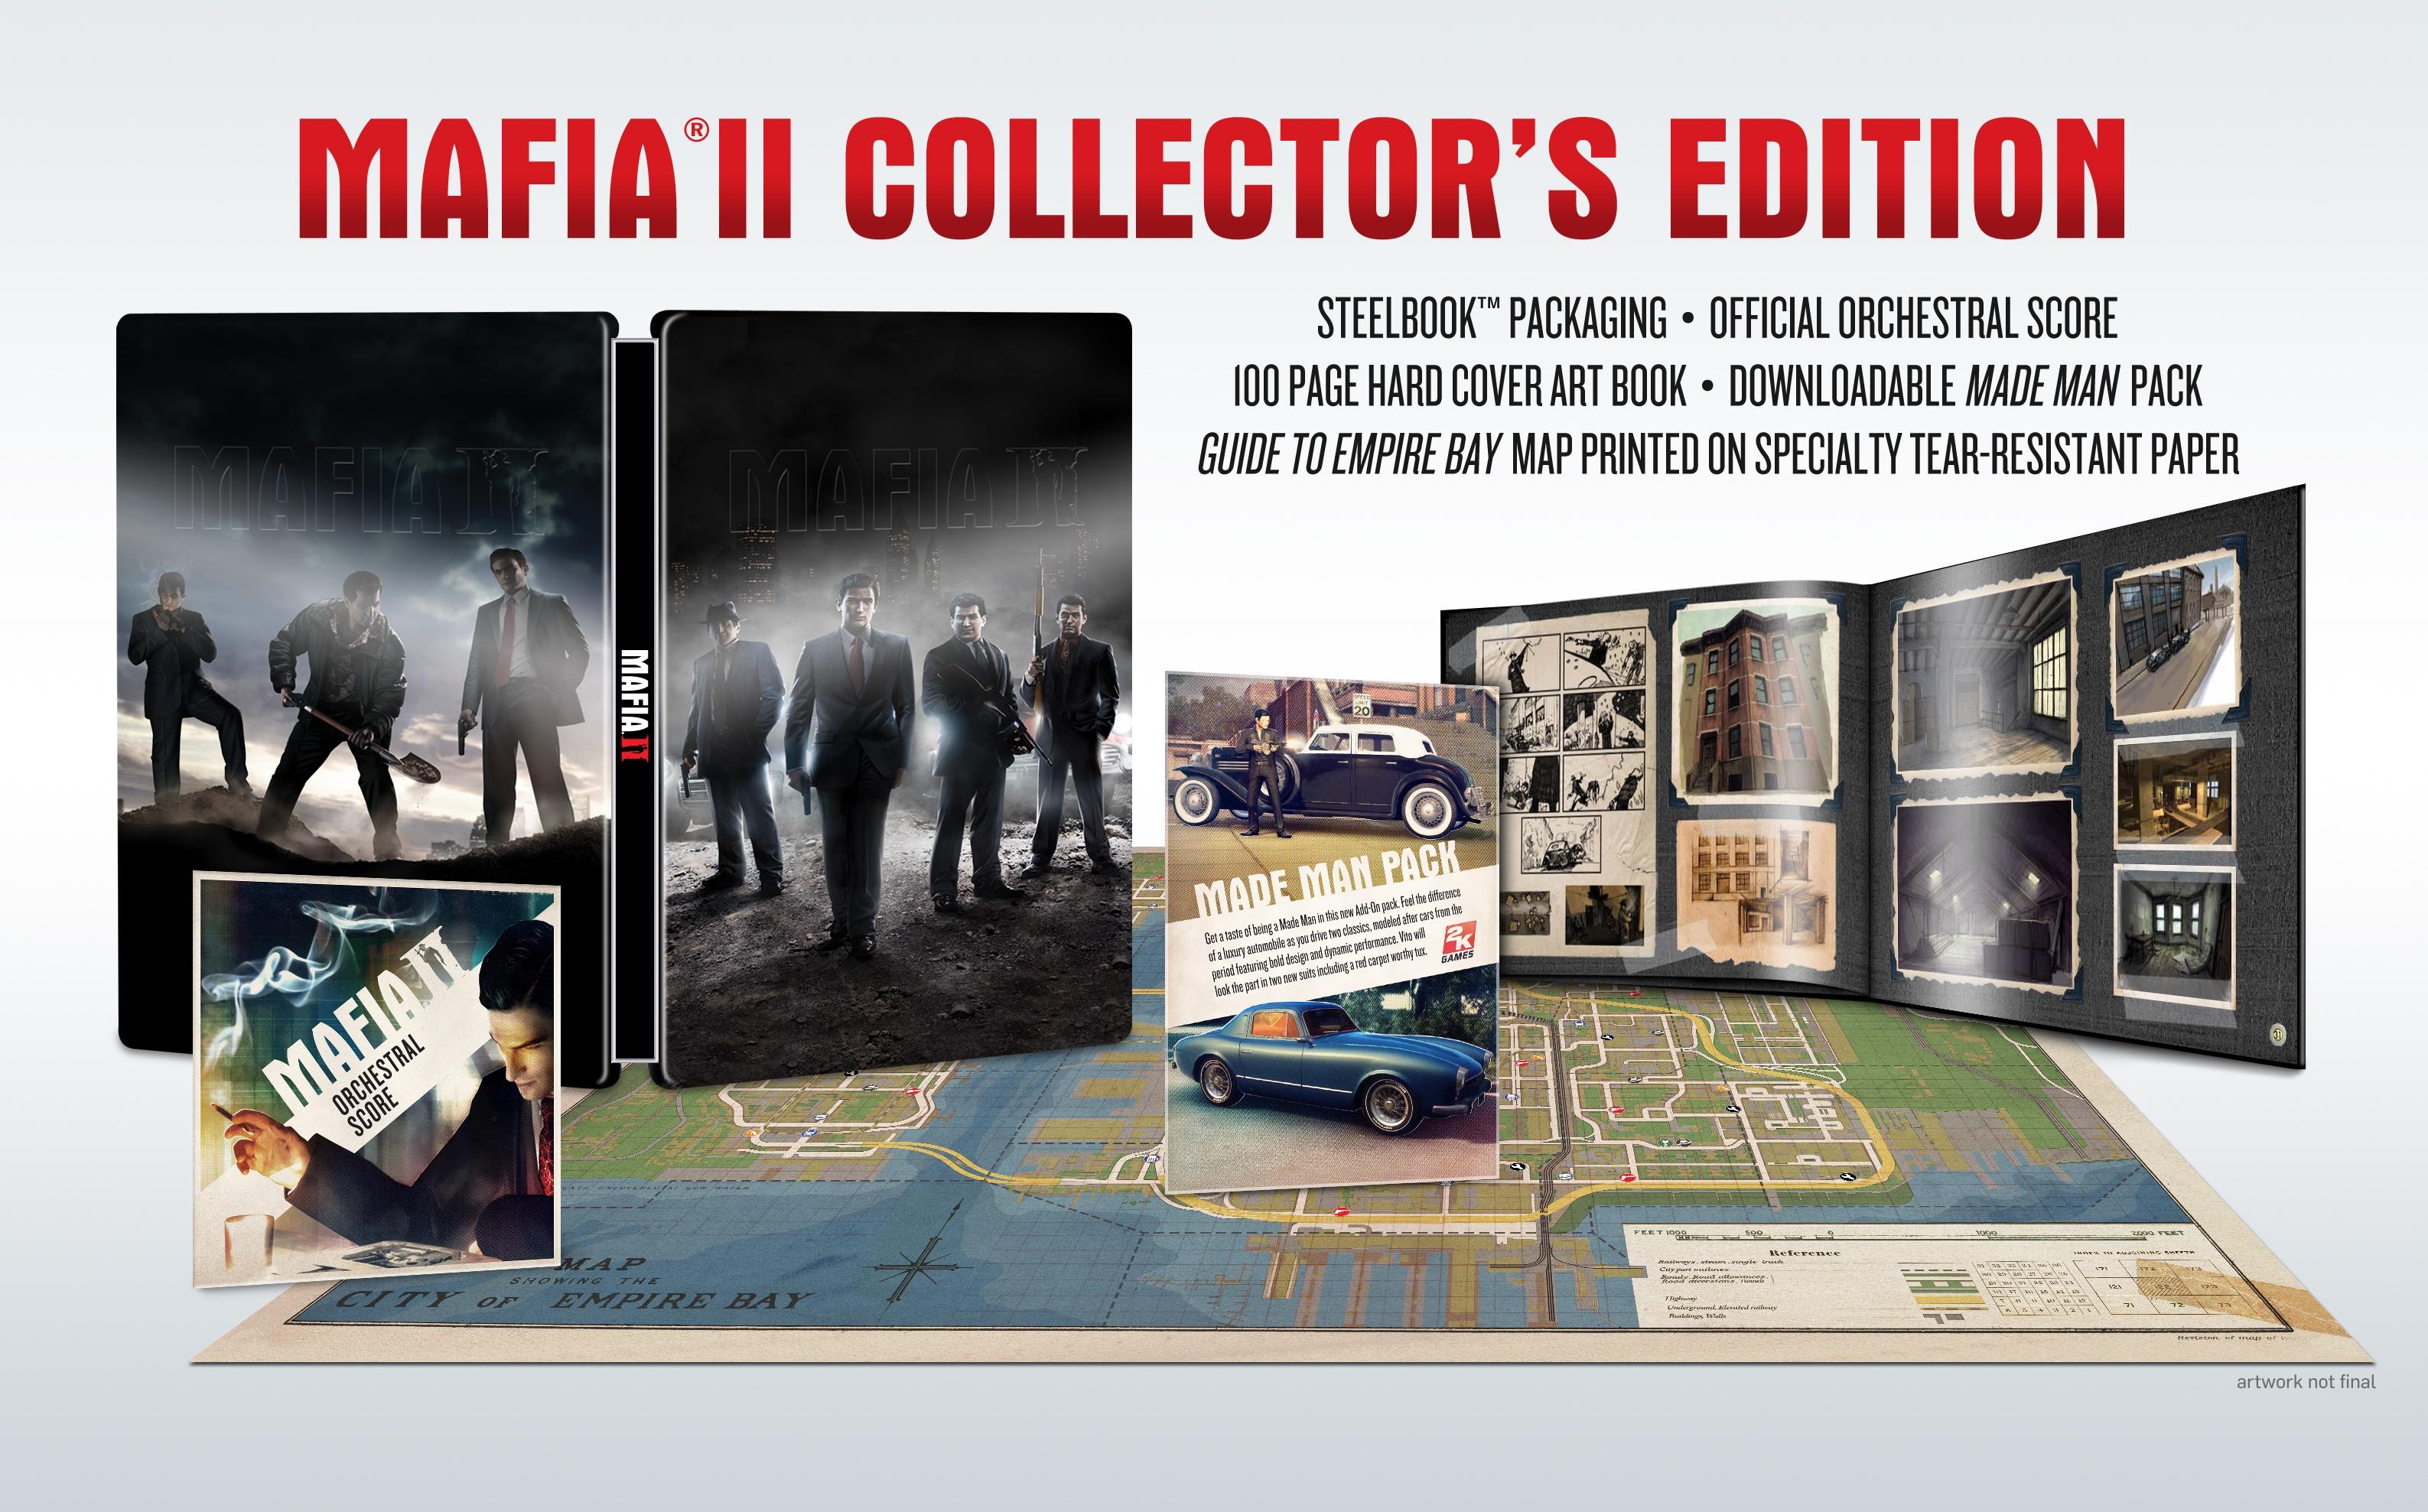 Mafia II Collector's Edition